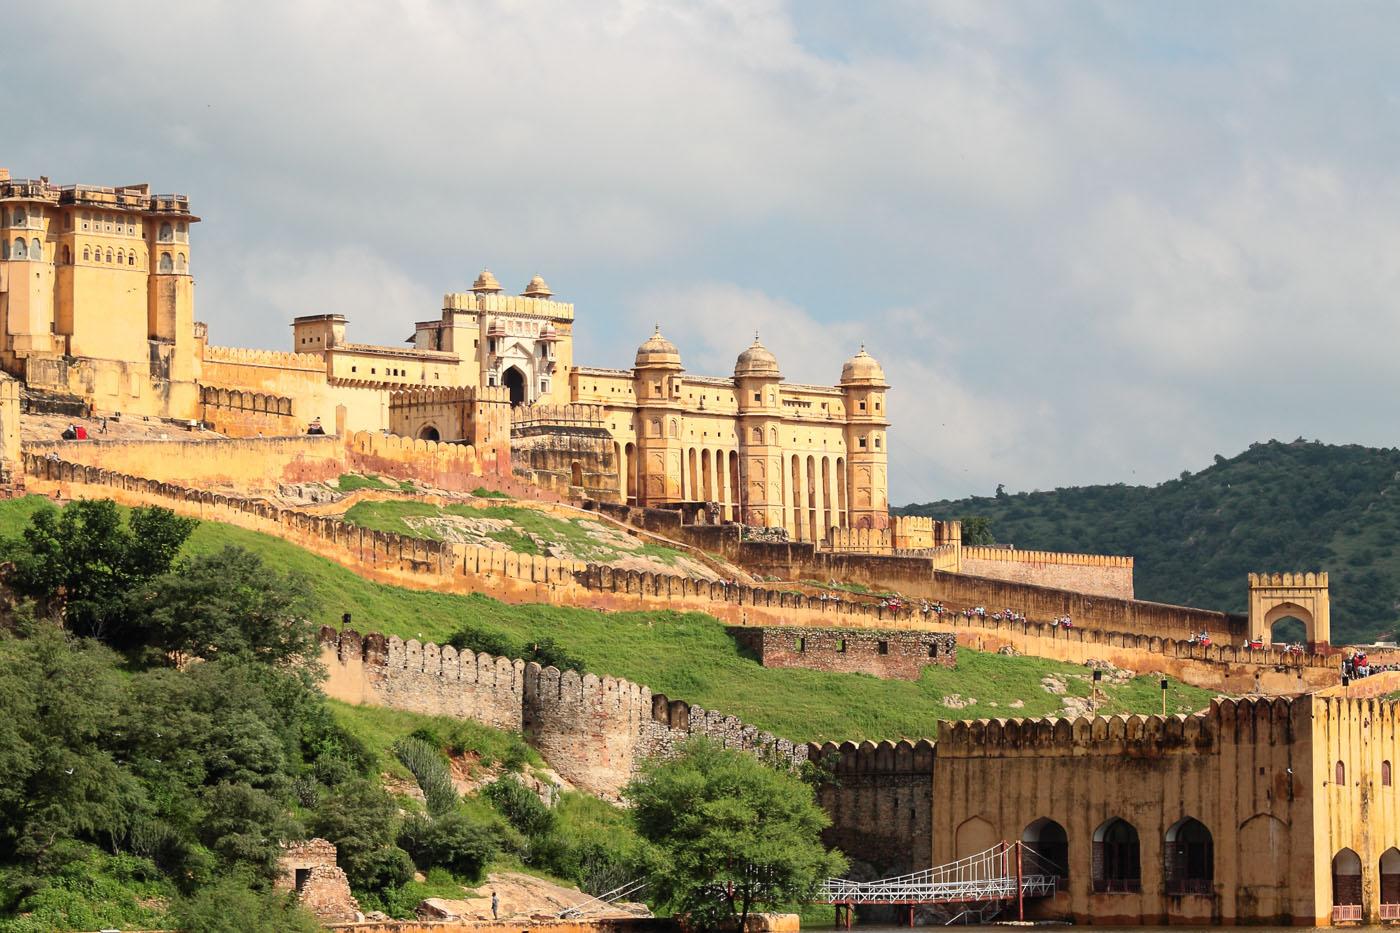 Фотография 7. Отзывы об экскурсии по Золотому треугольнику Индии. Форт Амбер в Джайпуре